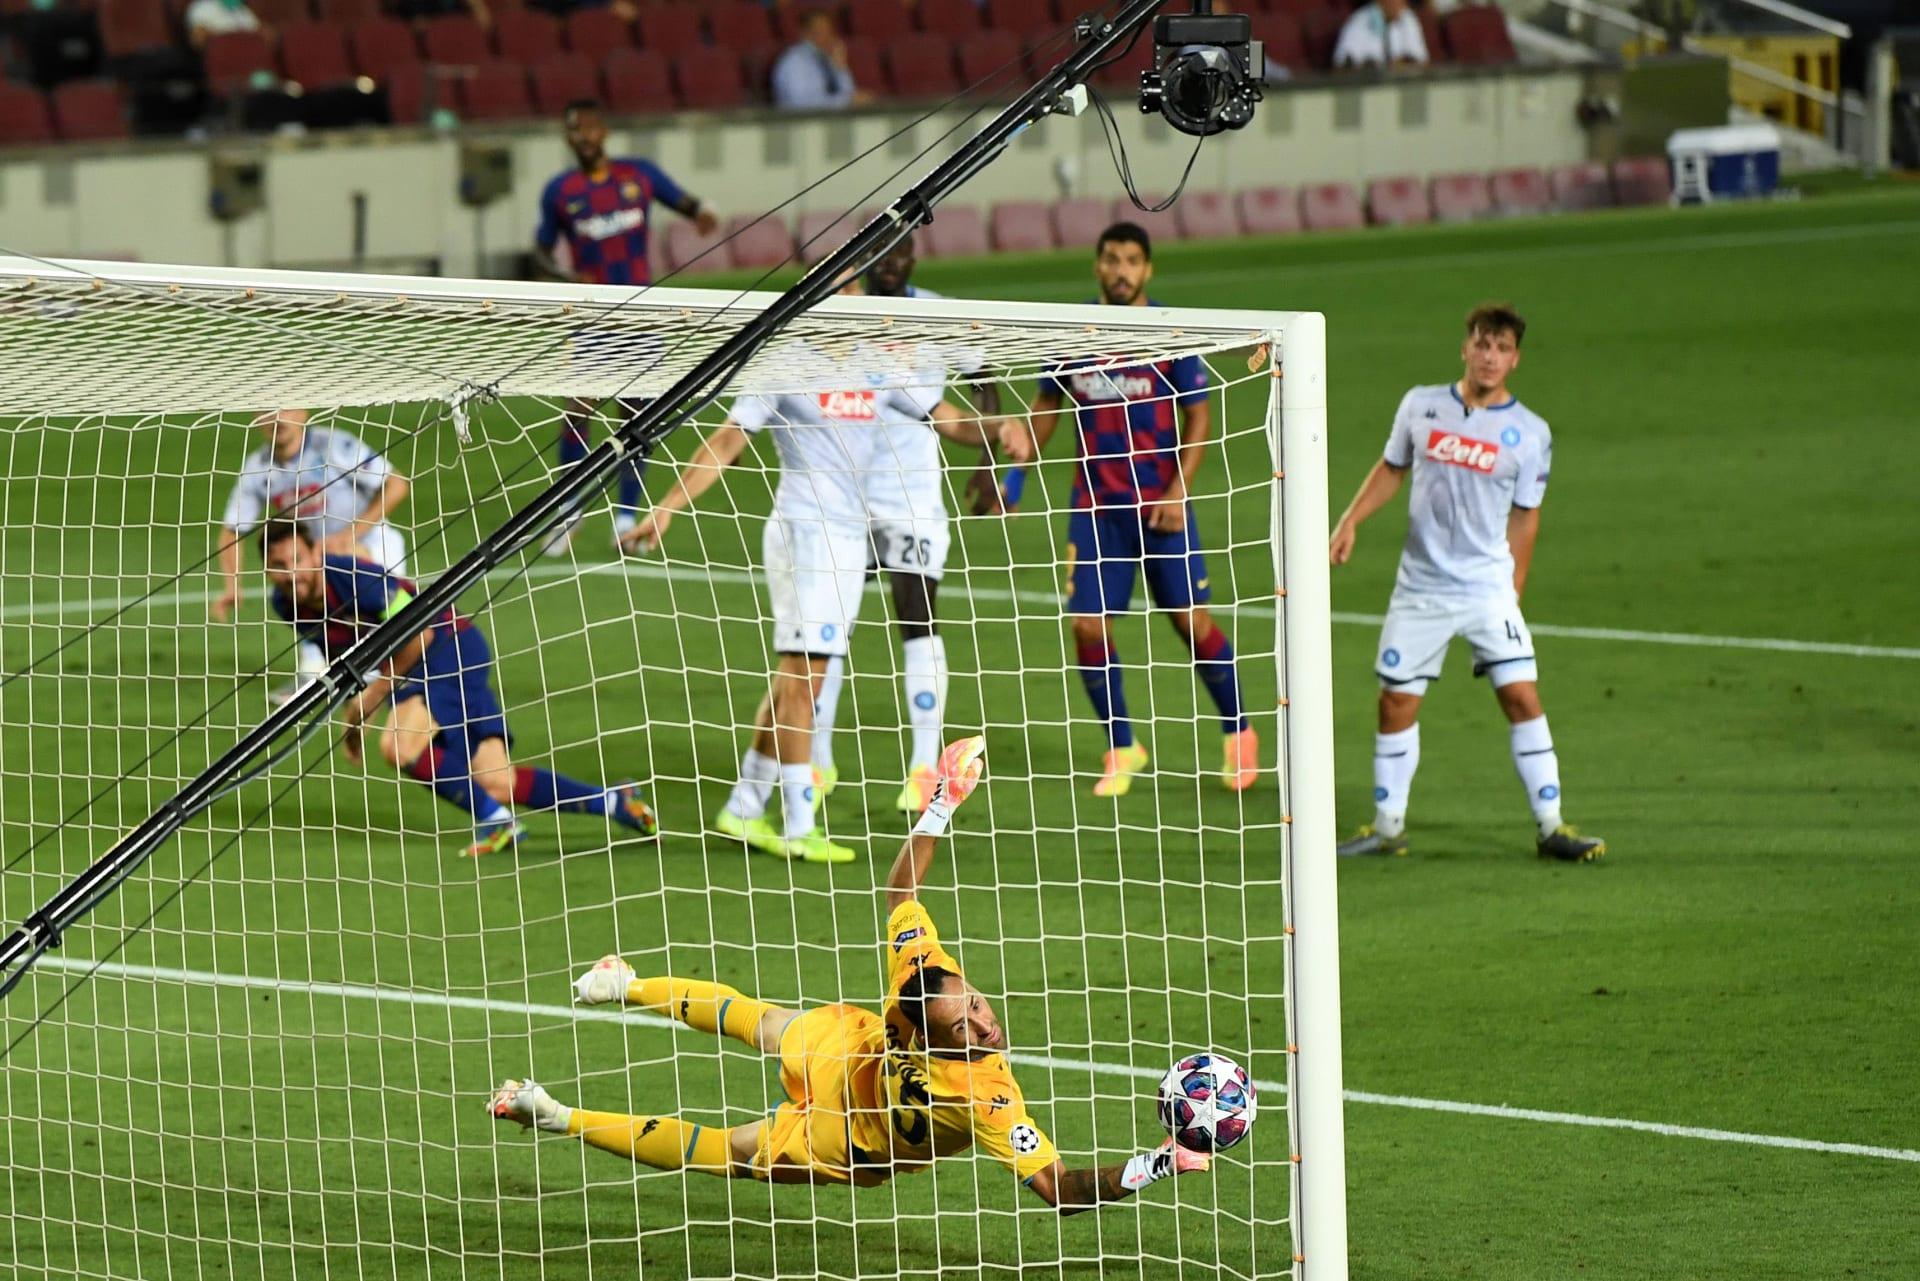 برشلونة وبايرن ميونخ إلى ربع نهائي دوري أبطال أوروبا بعد هزيمتهما نابولي وتشيلسي